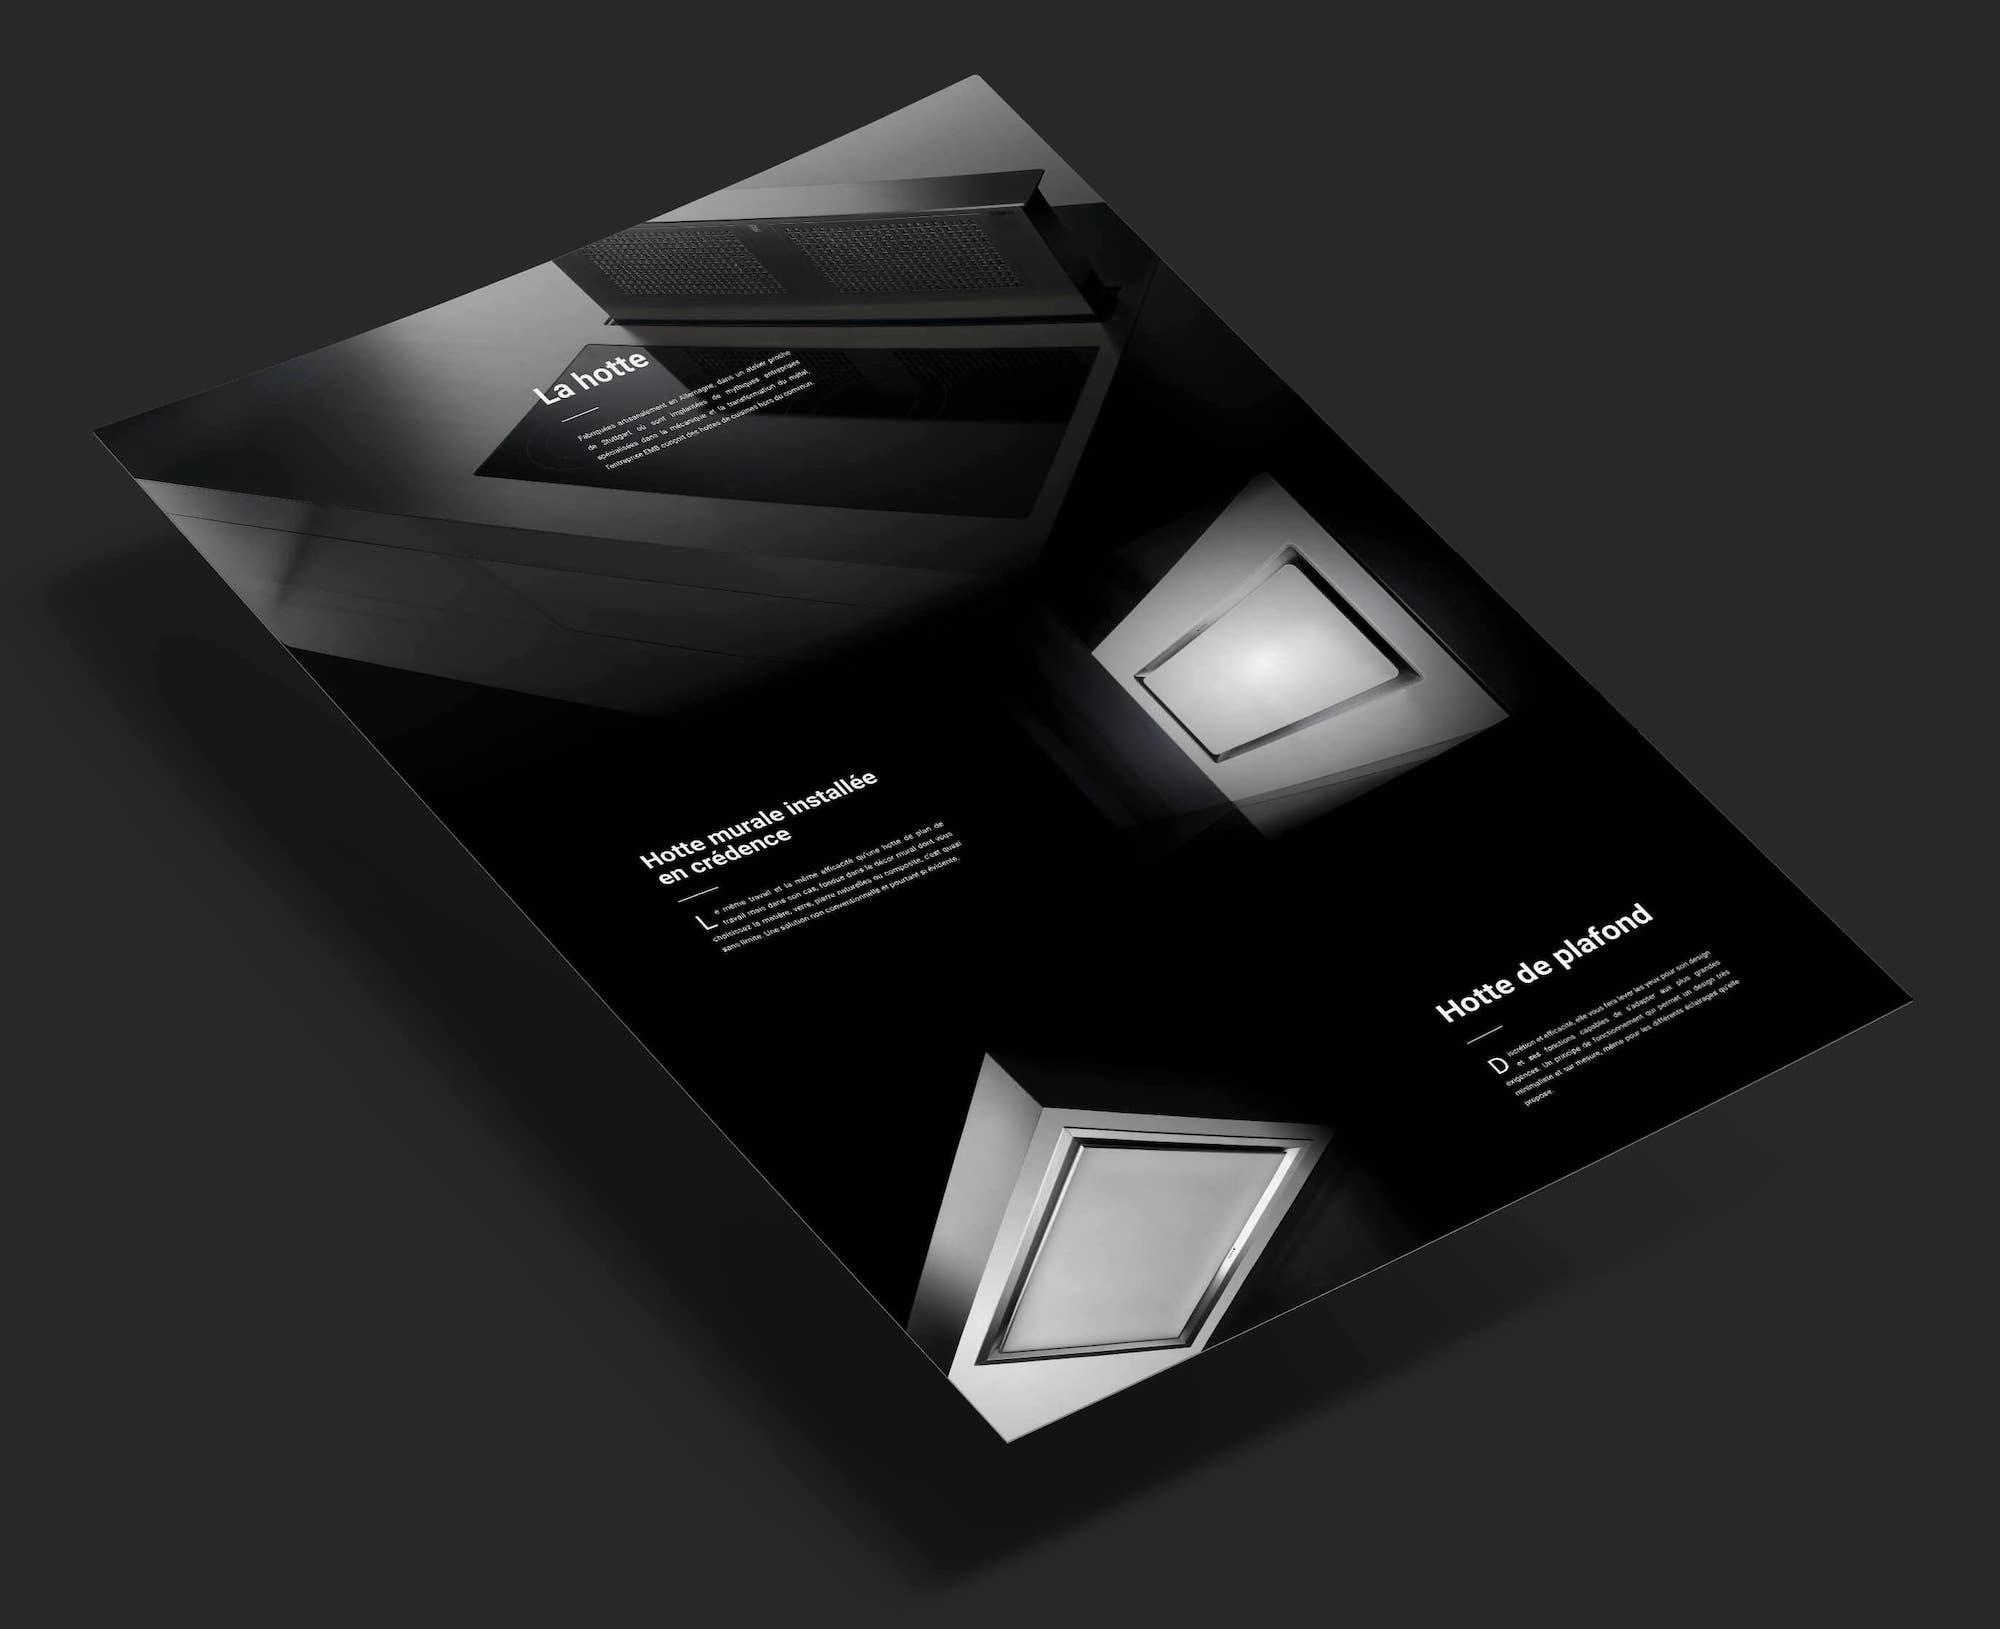 maquette du site web B.Products